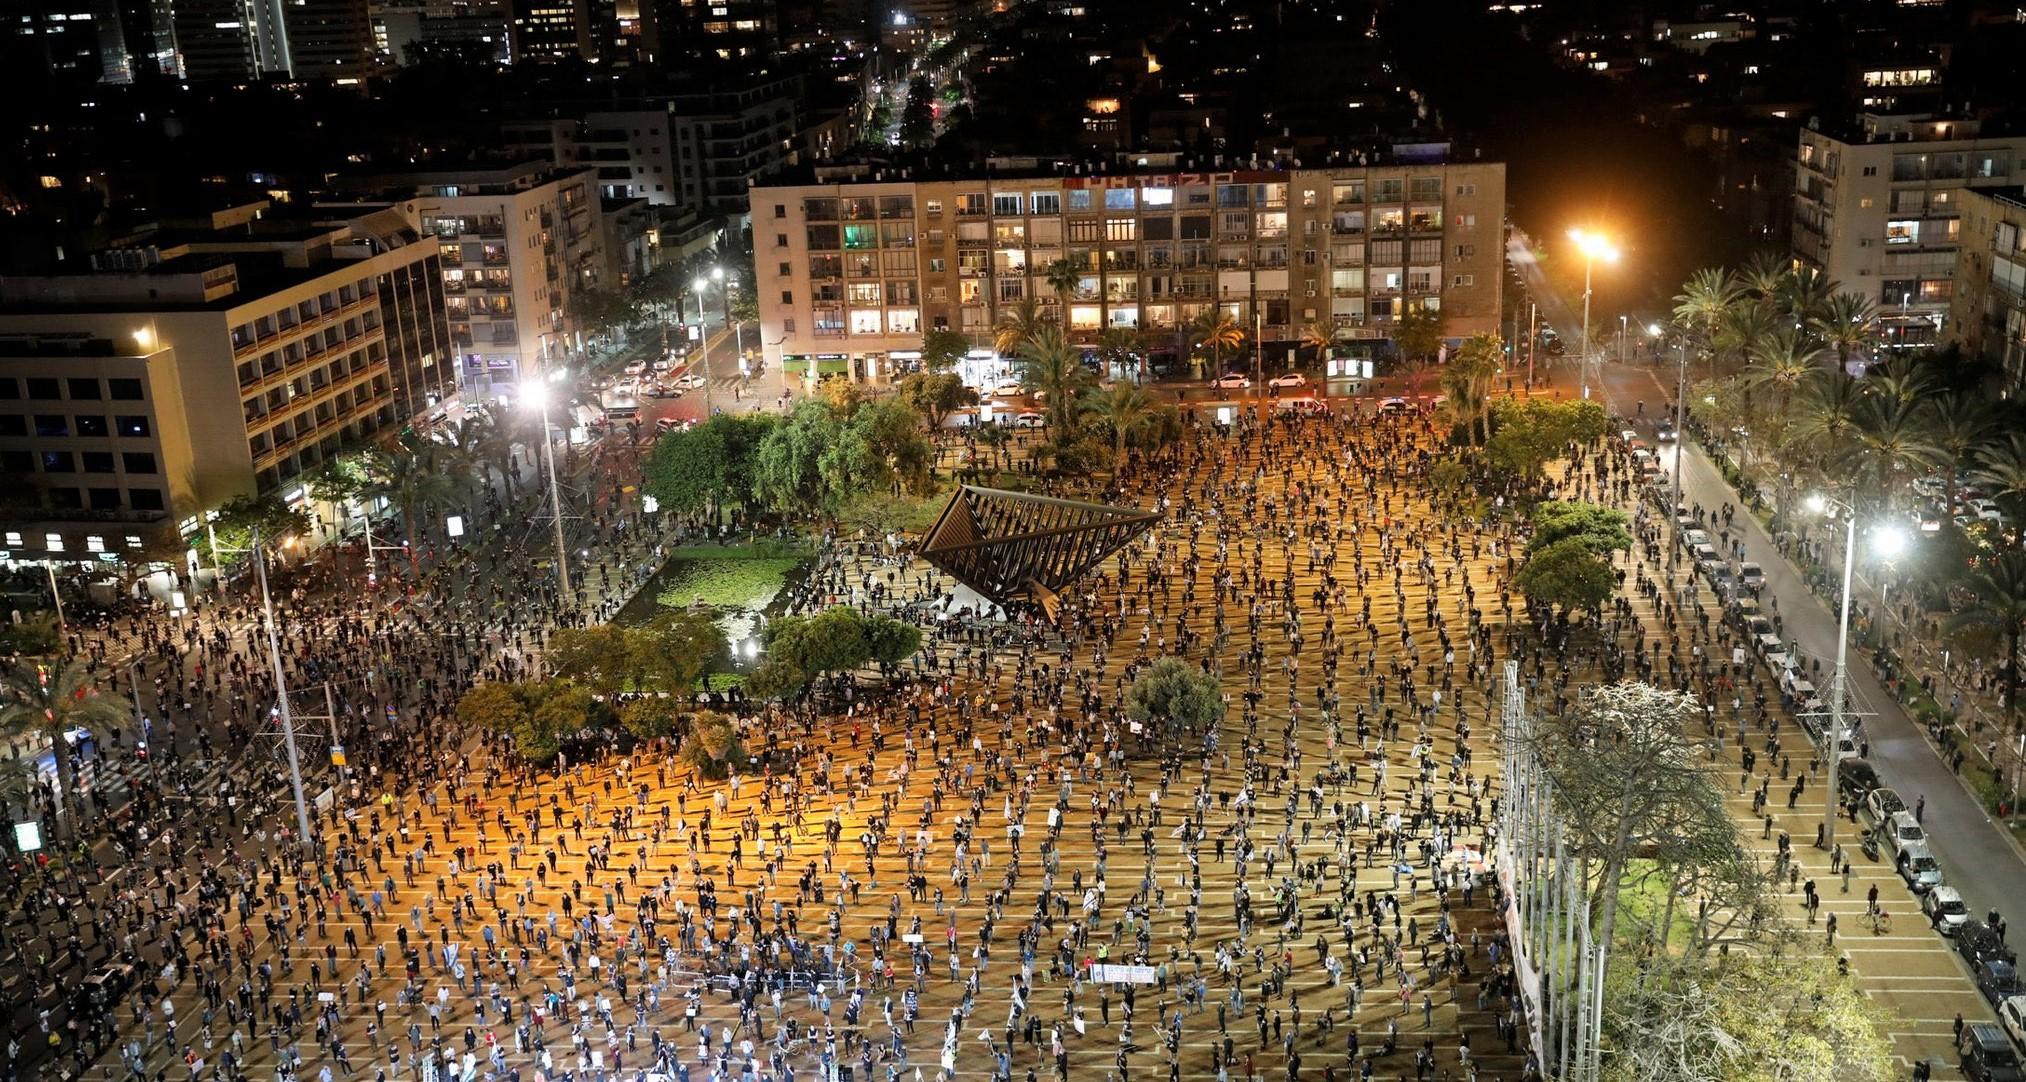 La piazza di Israele con i manifestanti che rispettano la distanza sociale